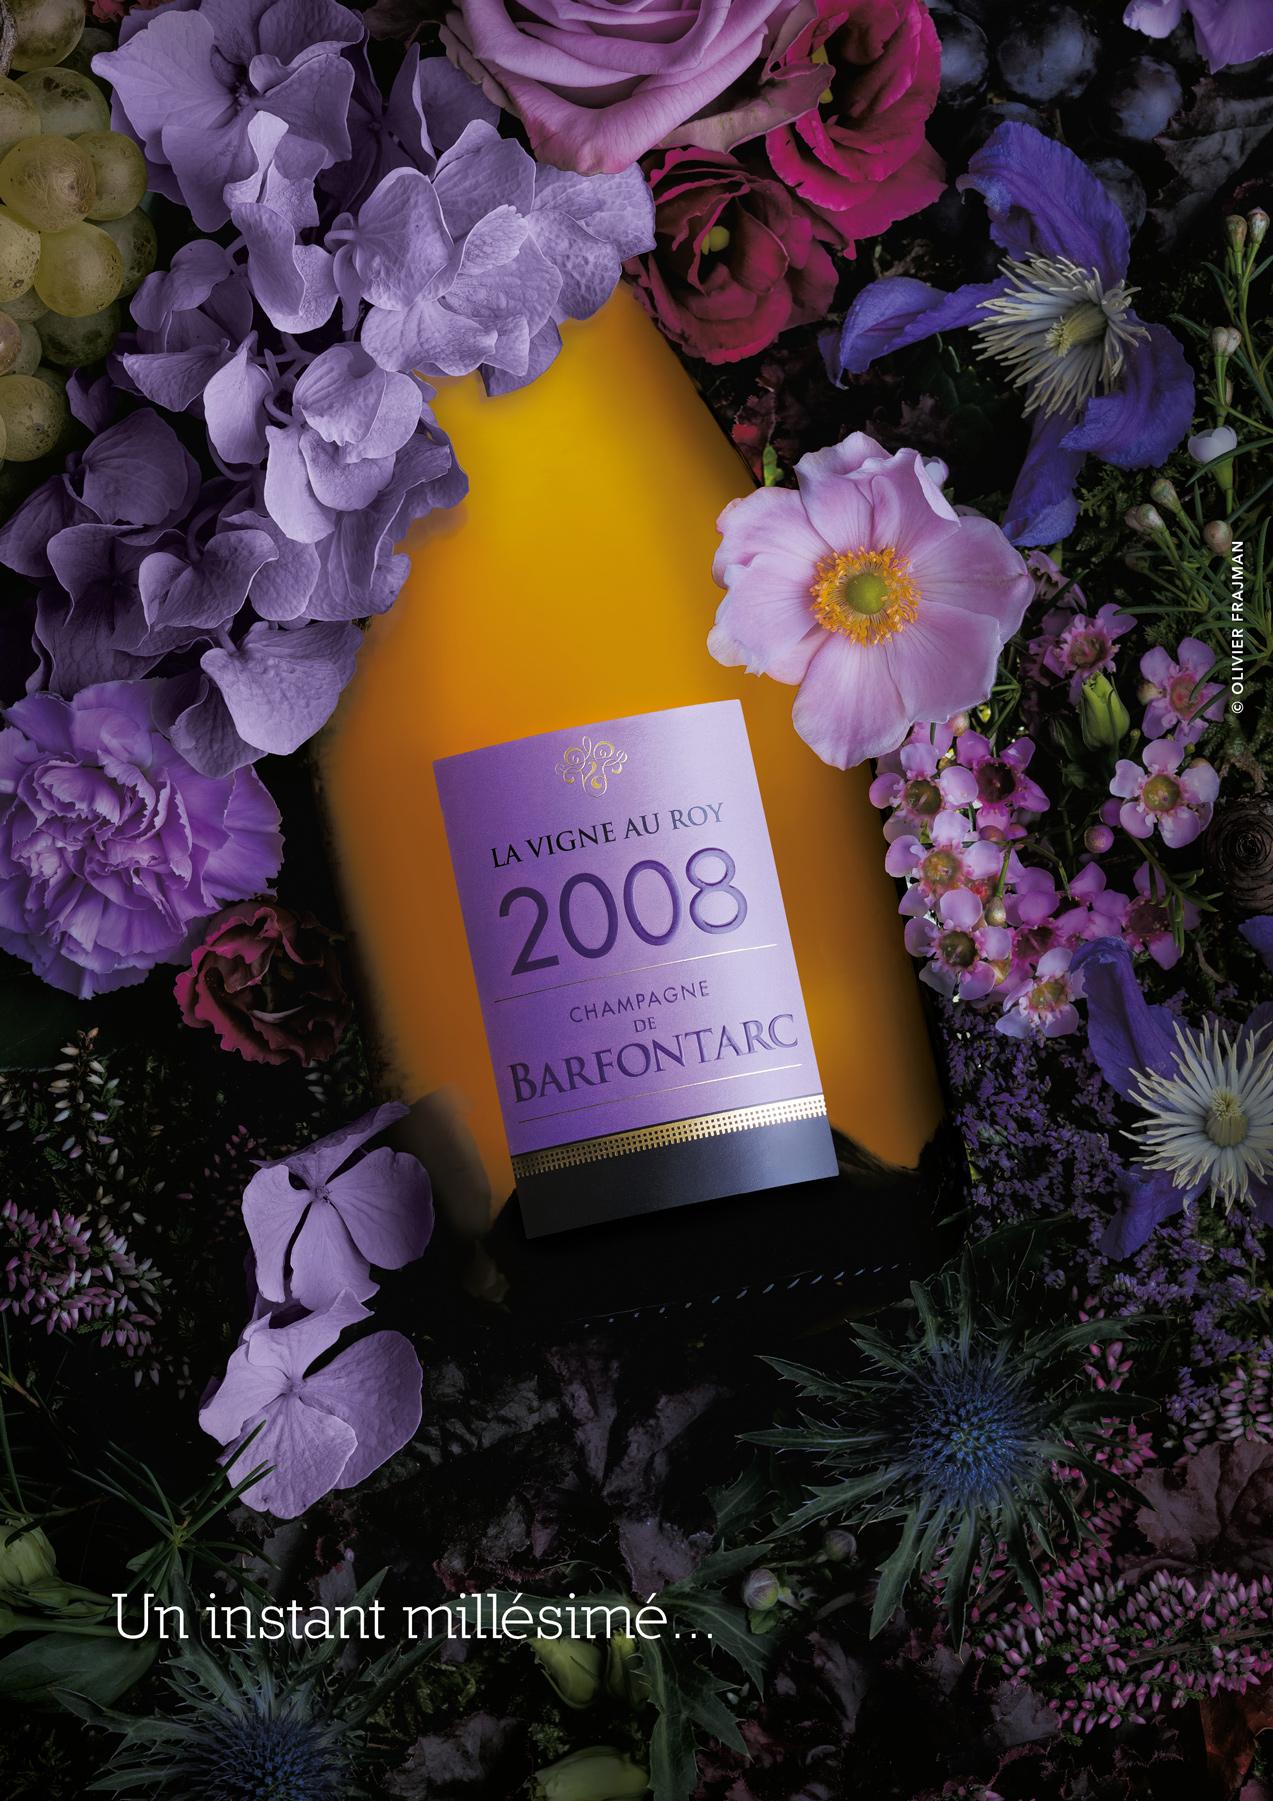 Photographie publicitaire d'une bouteille de champagne